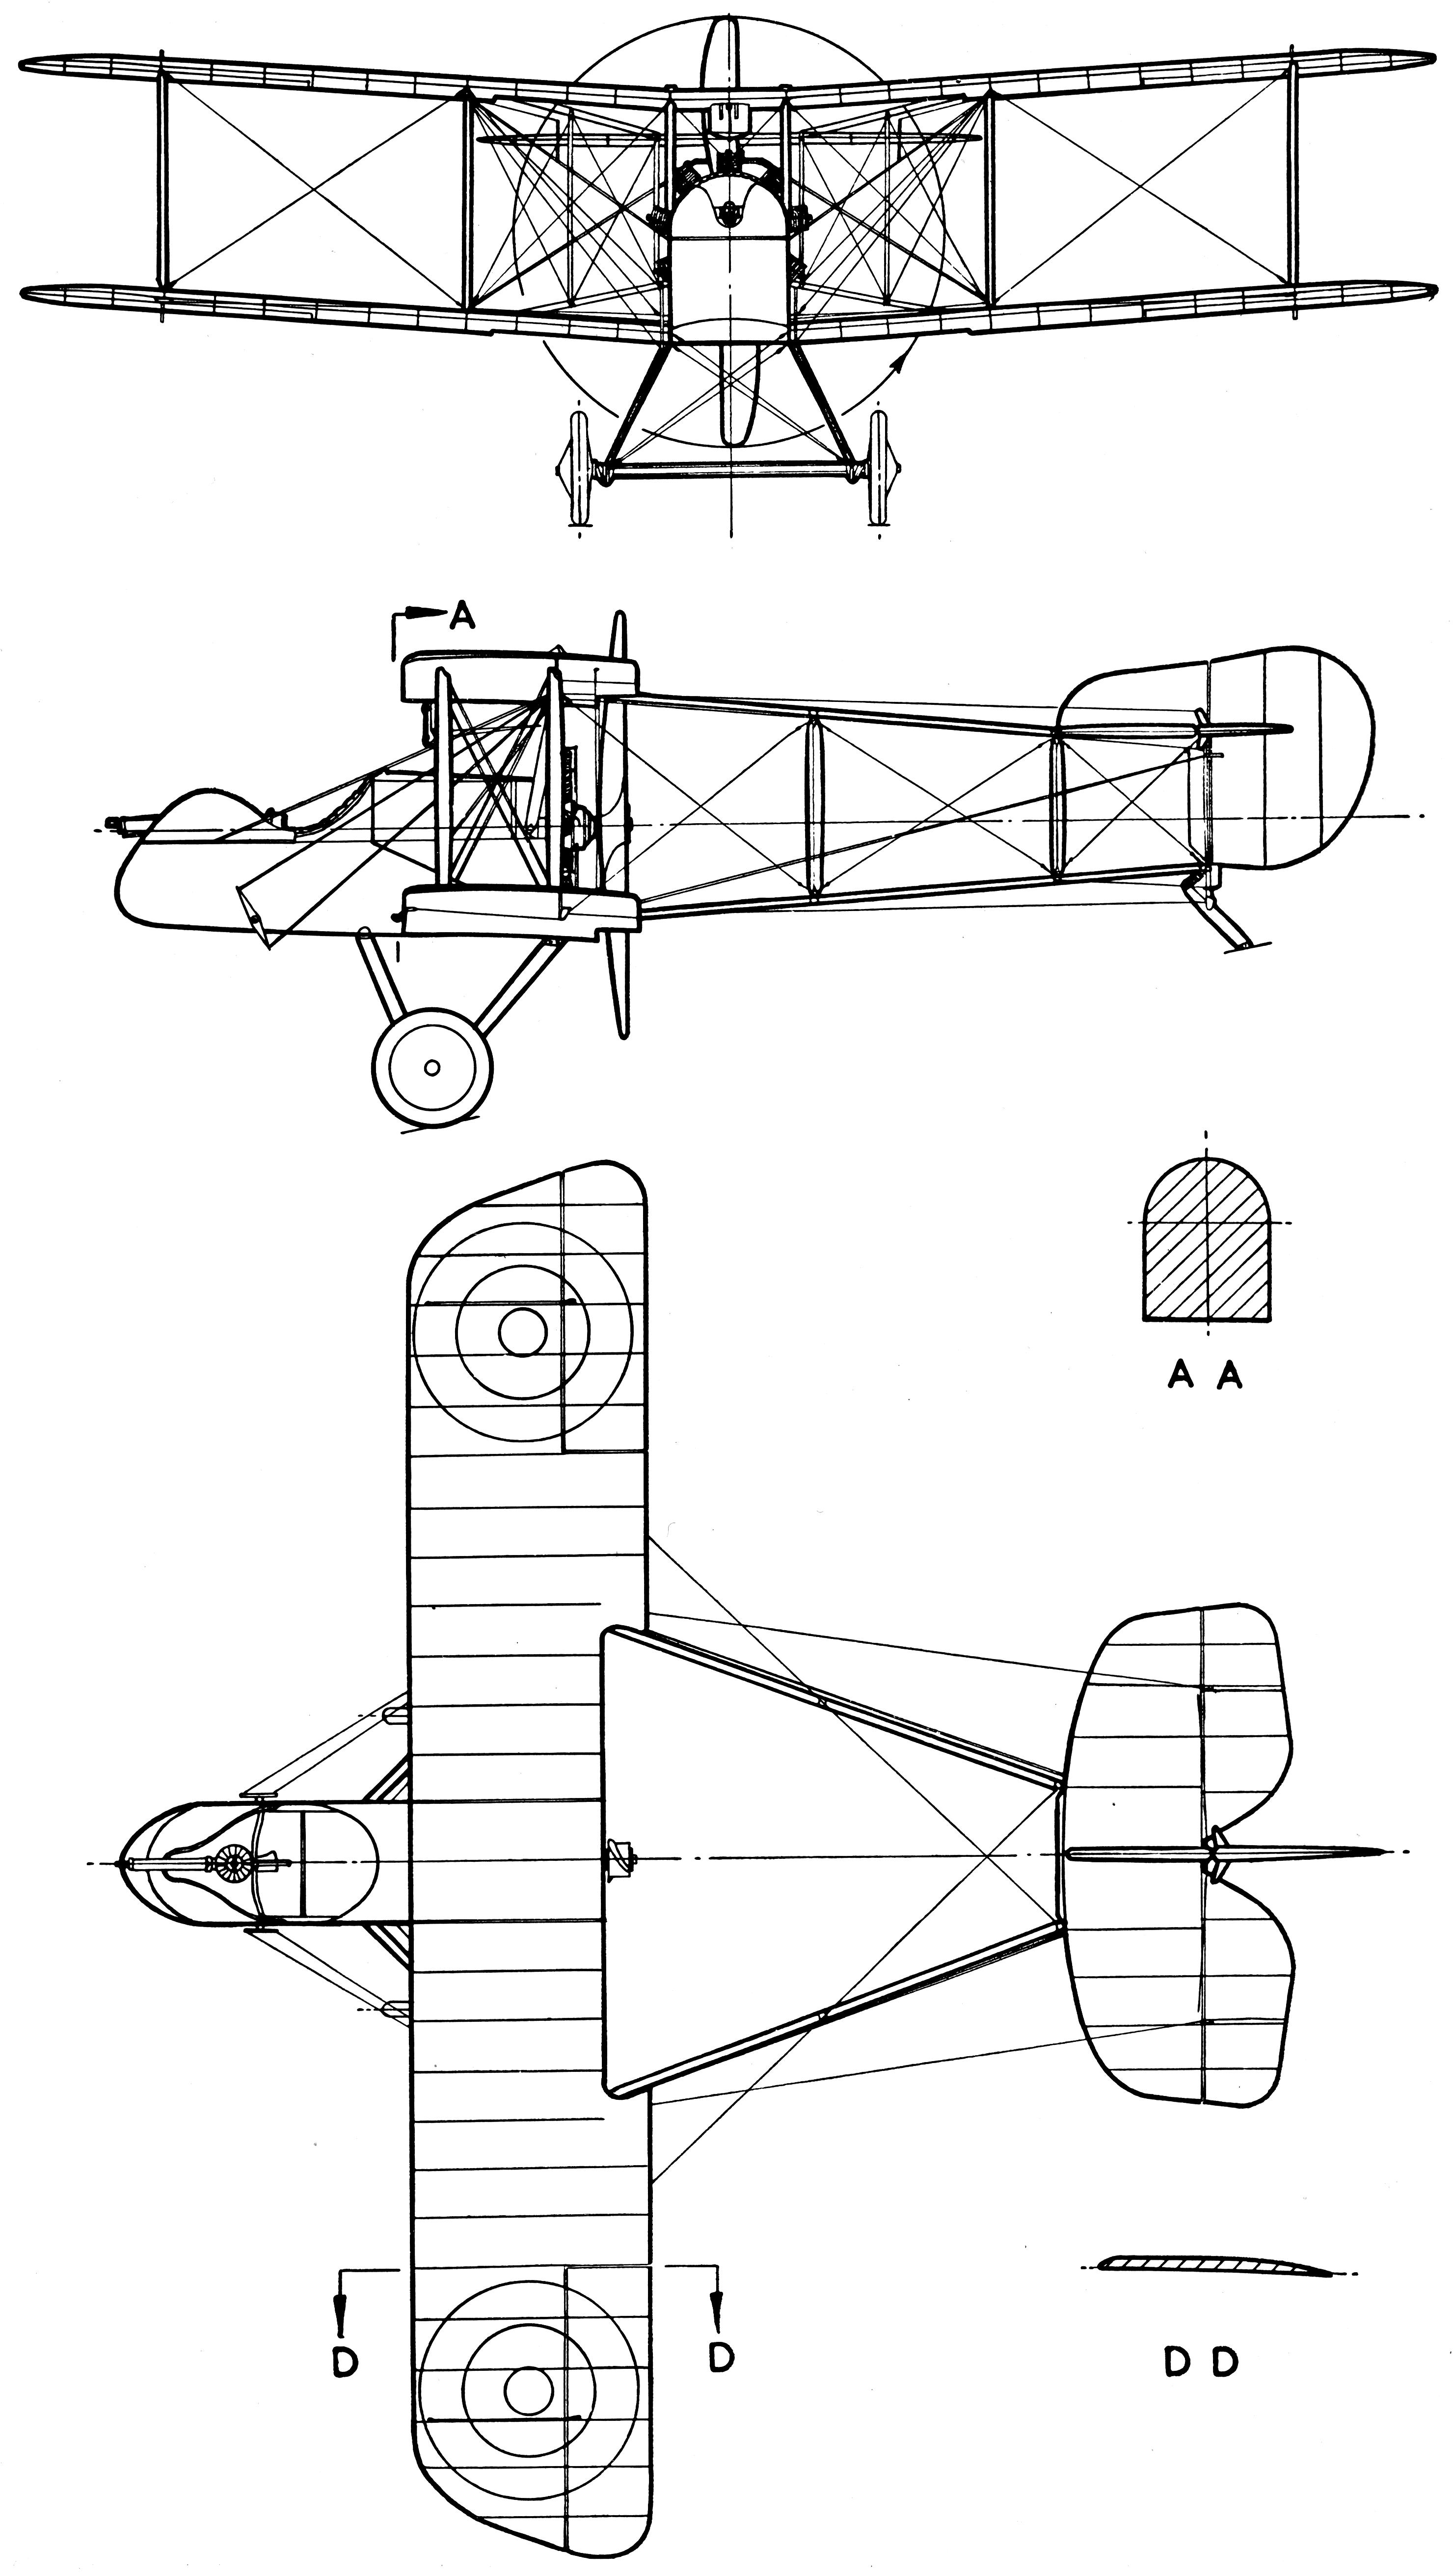 Airco DH.2 blueprint